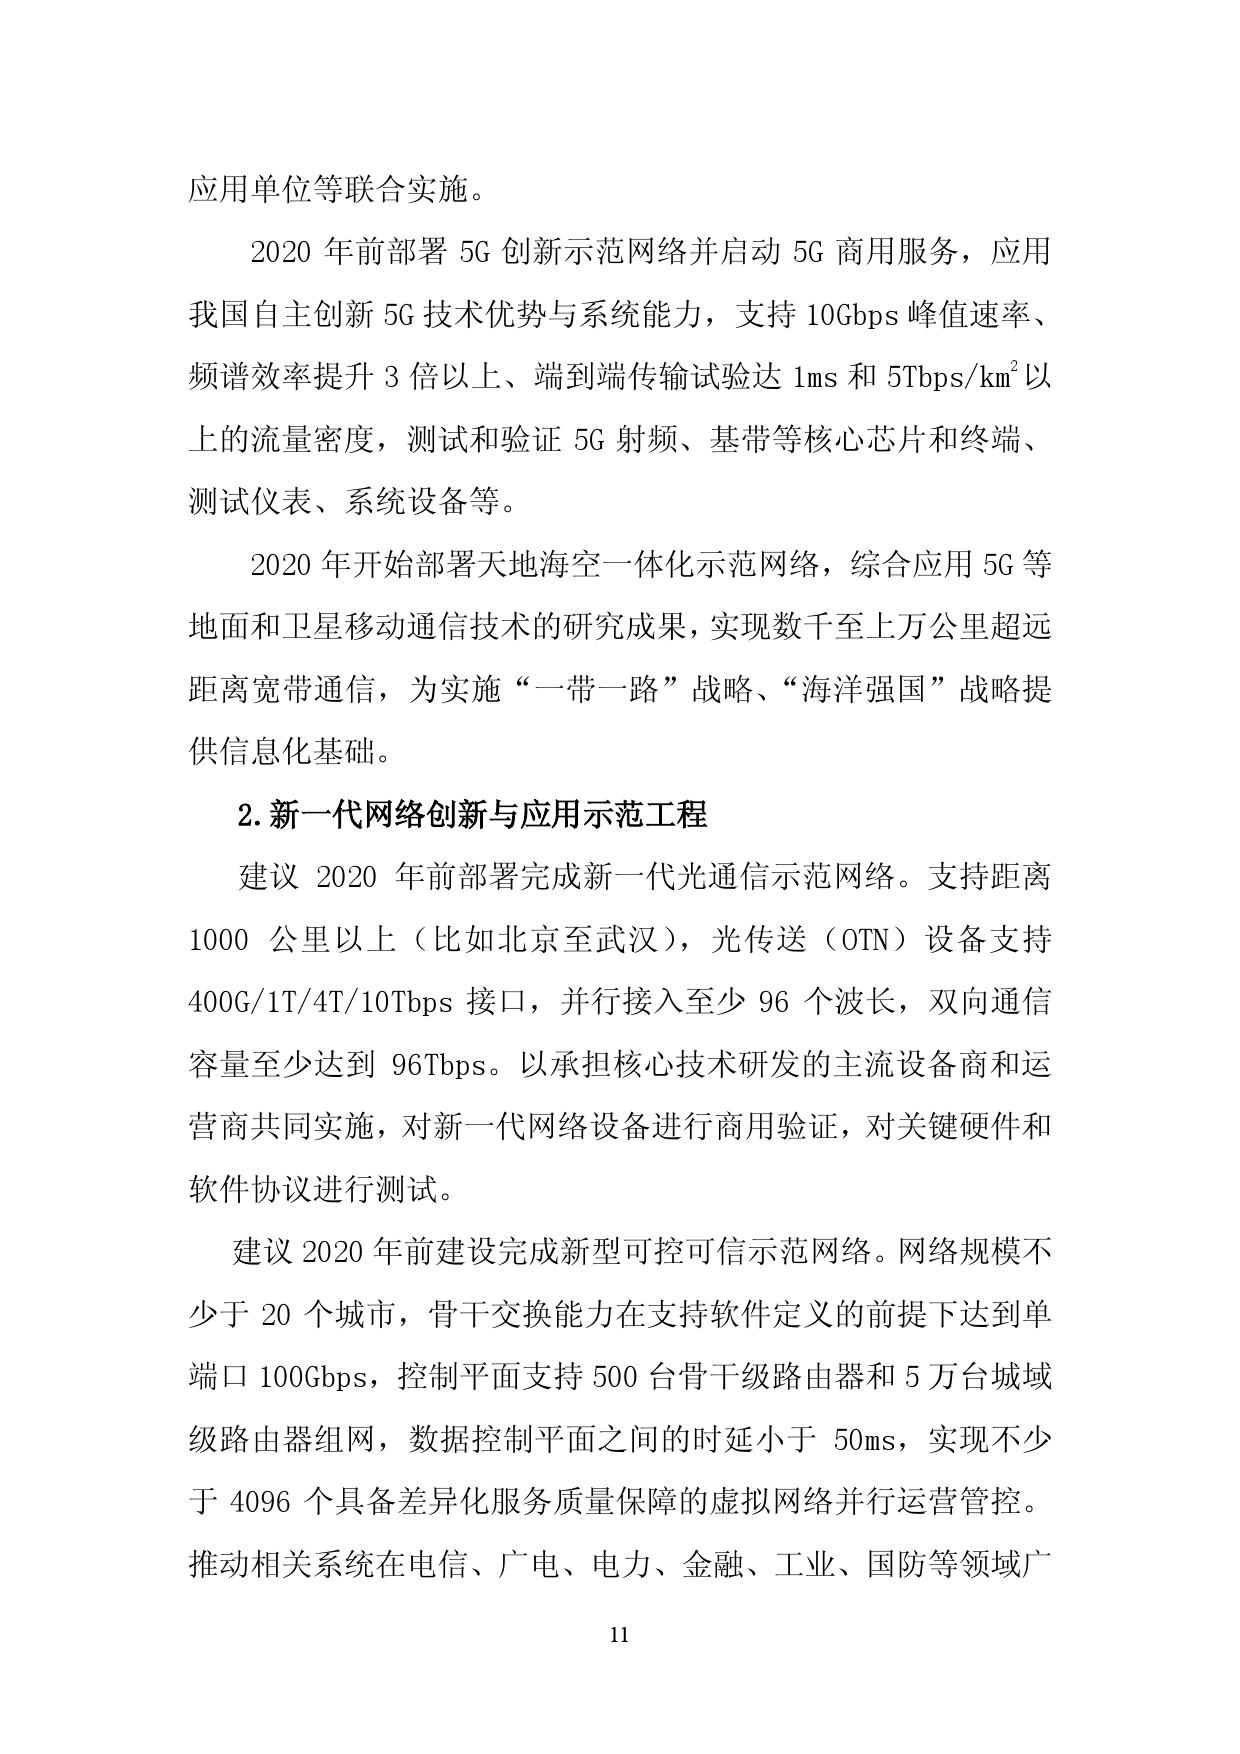 《中国制造 2025》重点领域技术路线图_000017